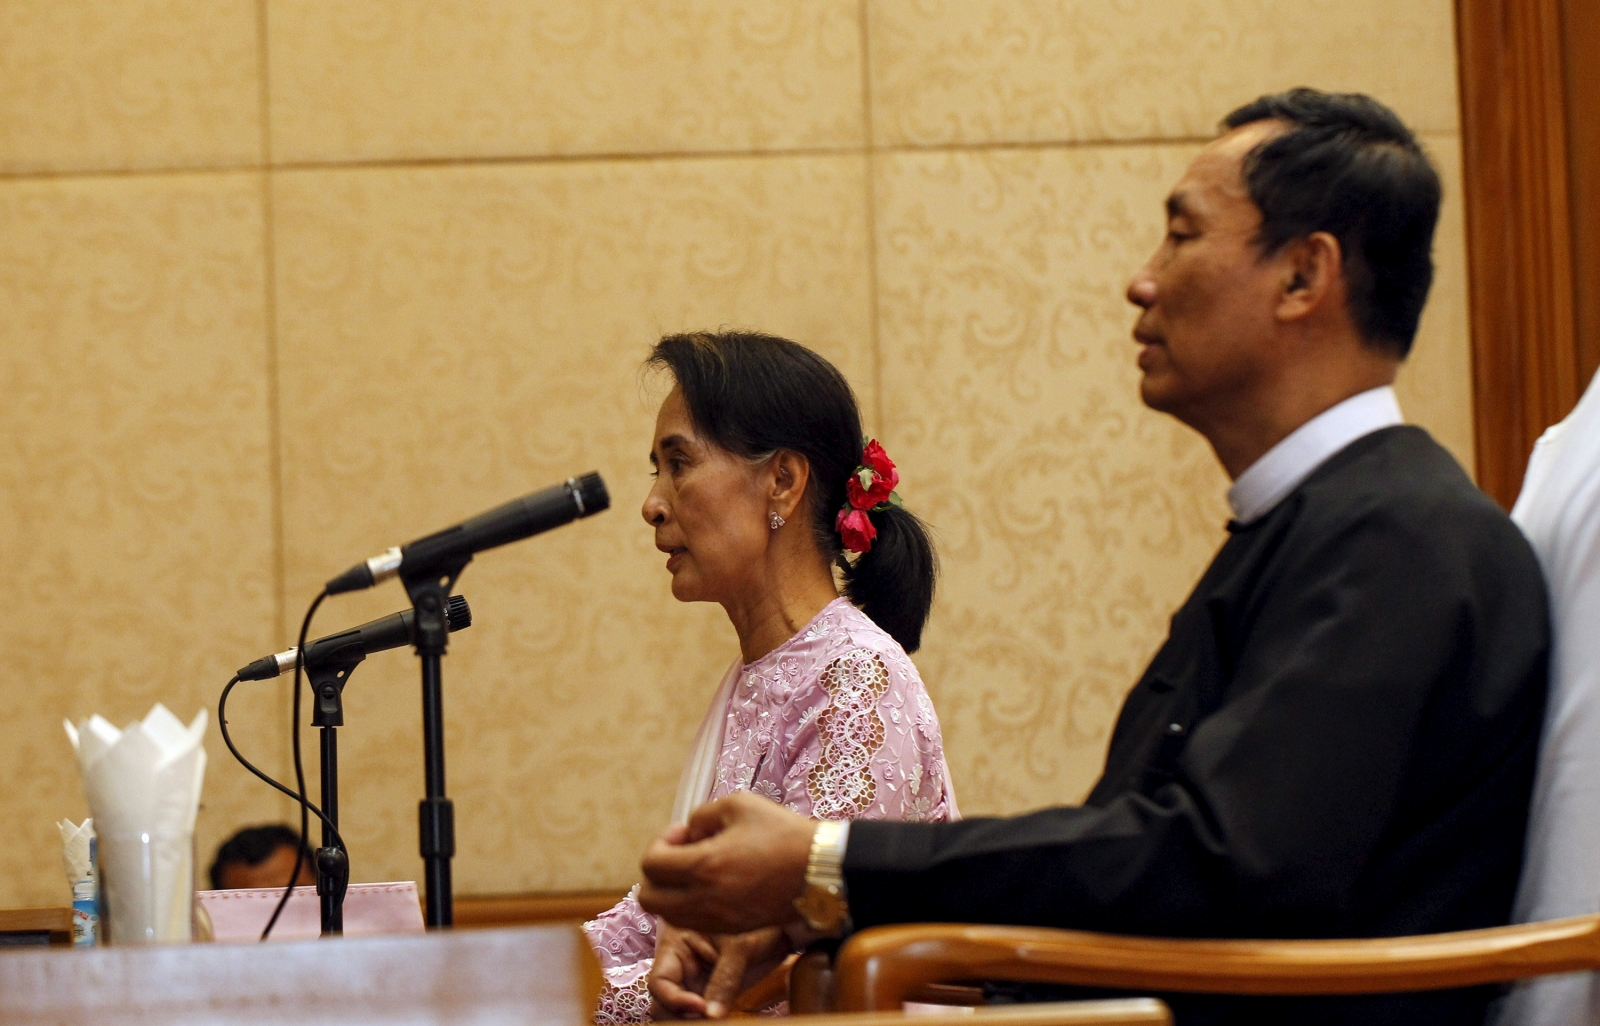 Aung San Suu Kyi & Shwe Mann